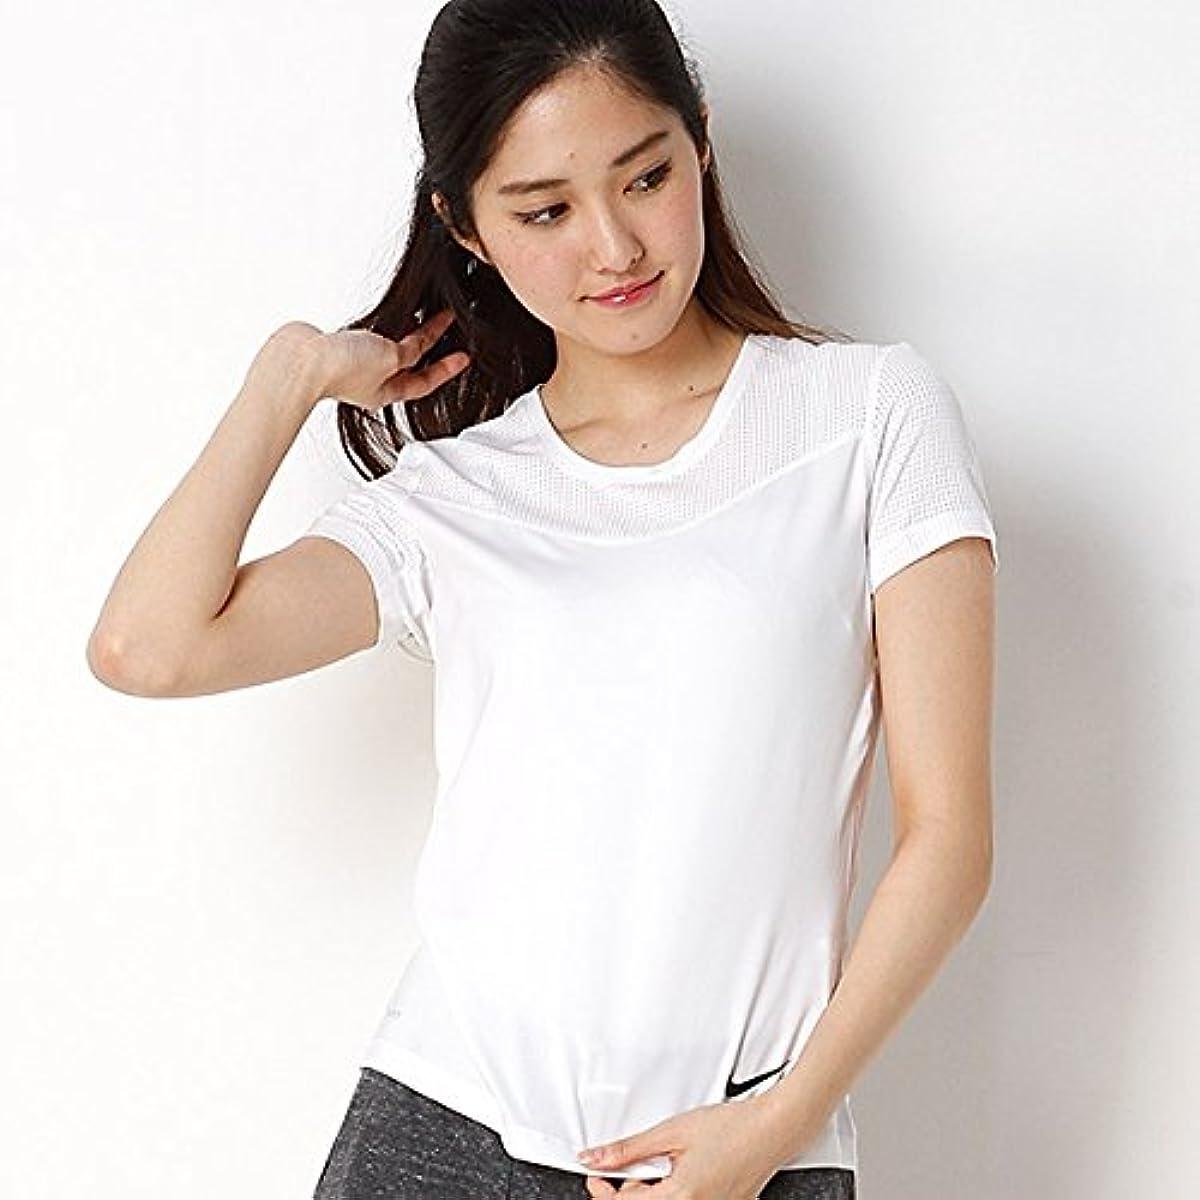 [해외] 나이키(nike 나이키) 【NIKE/나이키】레이디스T셔츠(women's 나이키 프로 하이퍼 쿨 S/S T셔츠)